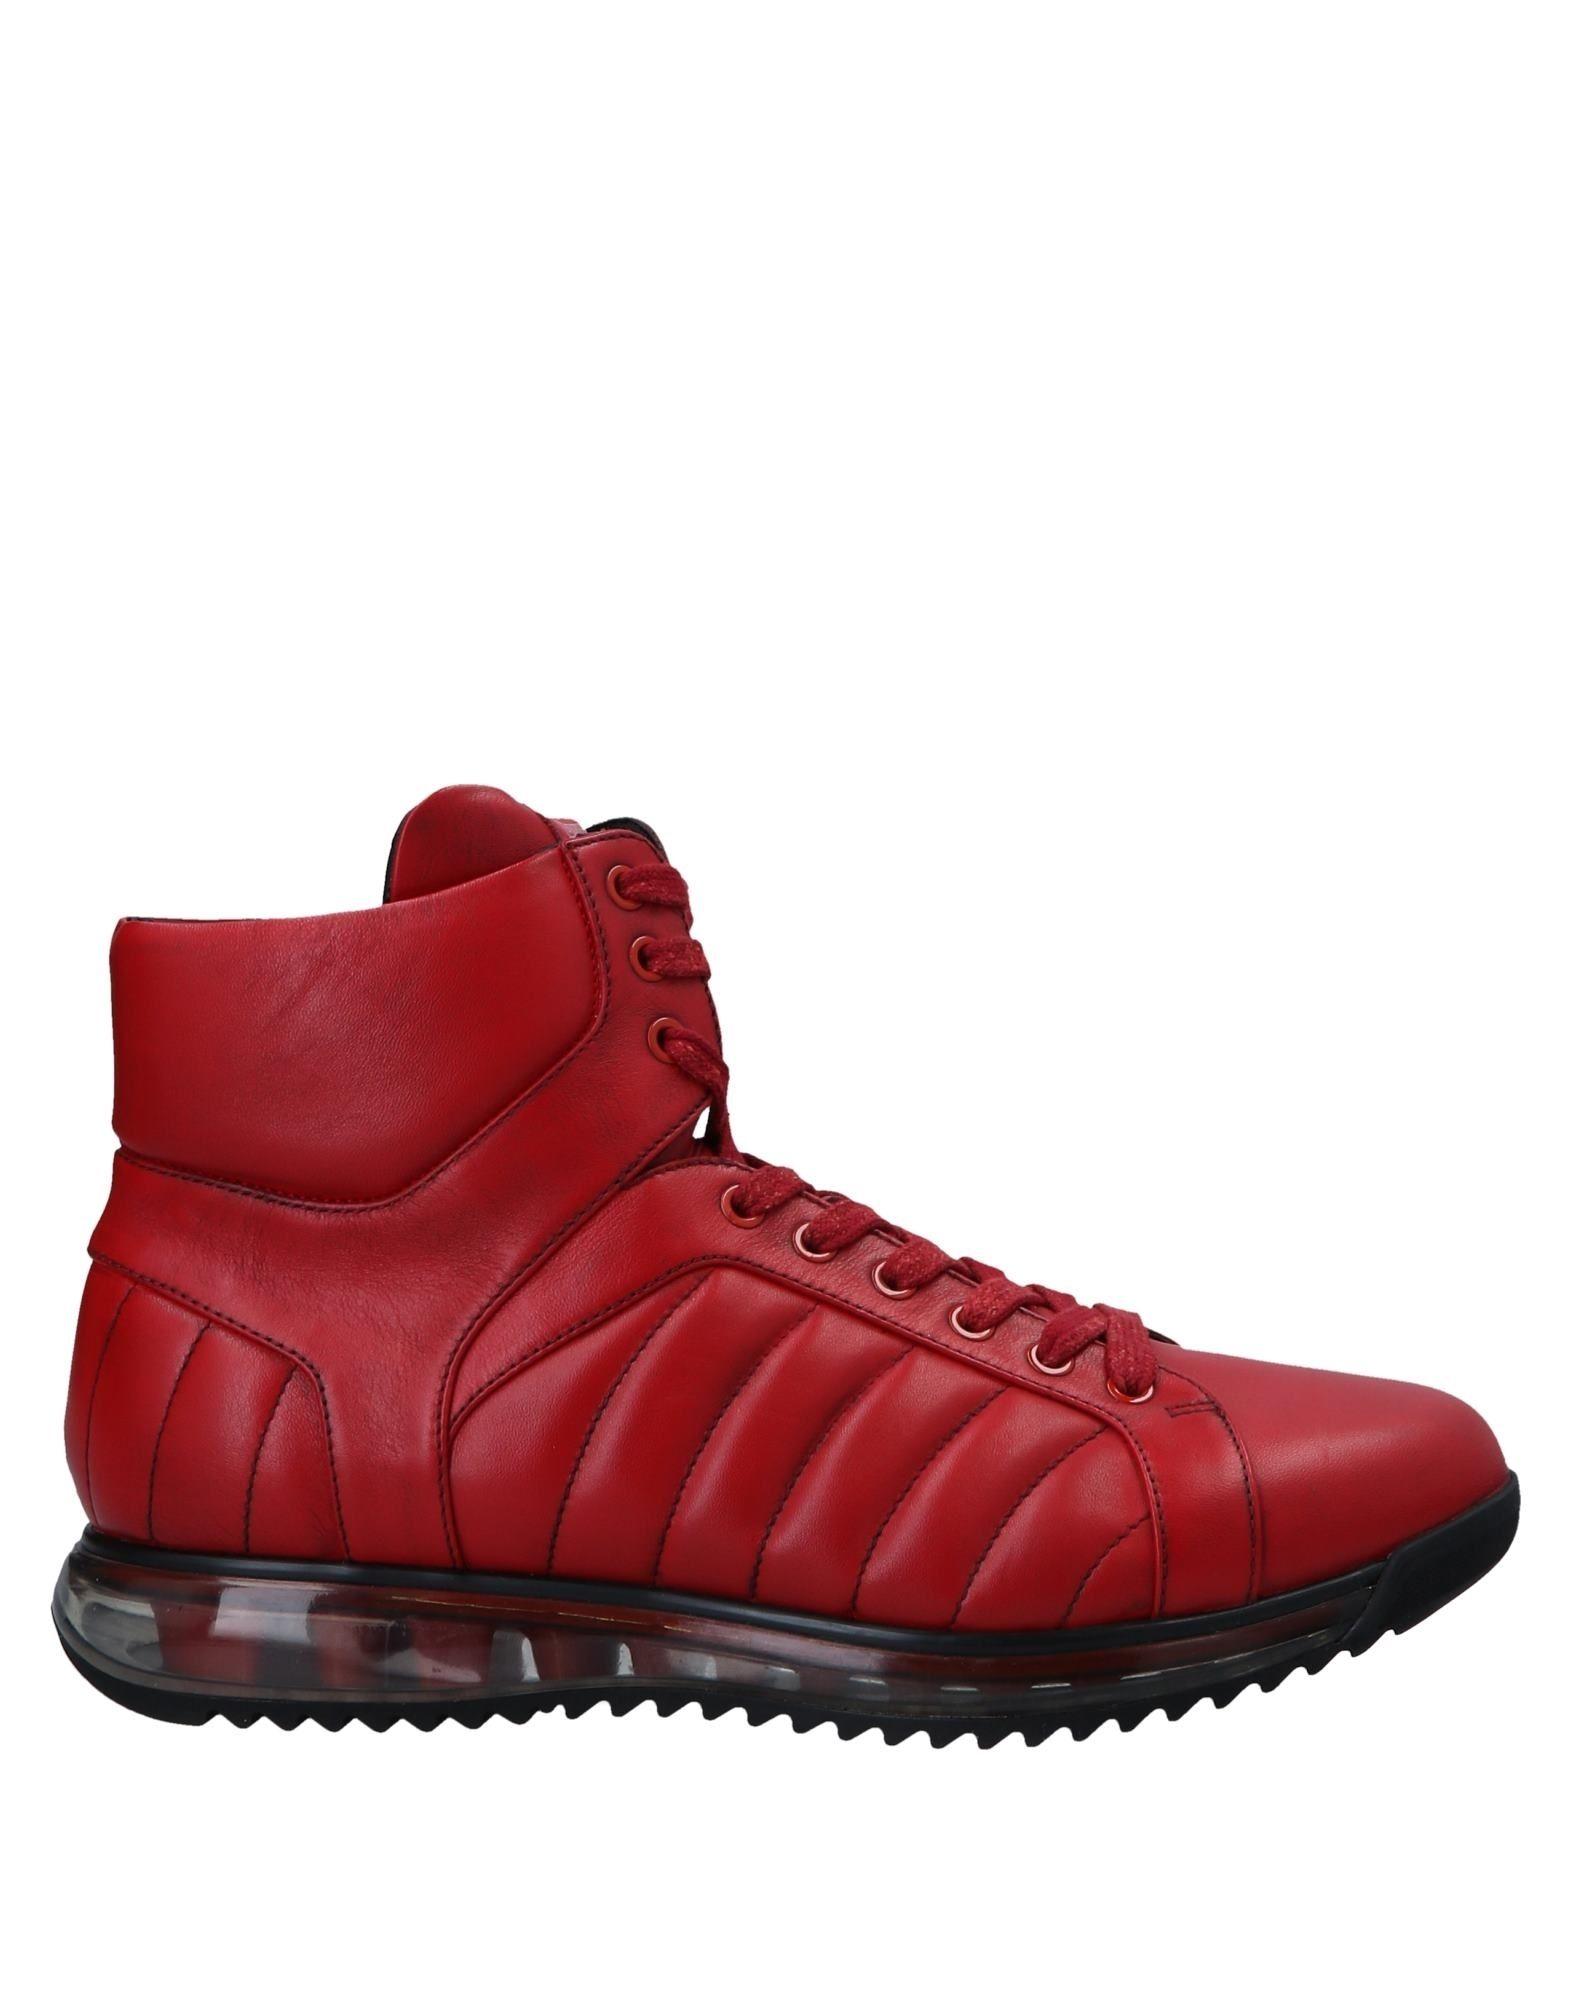 Rabatt echte Schuhe Barracuda Sneakers Herren  11547923SH